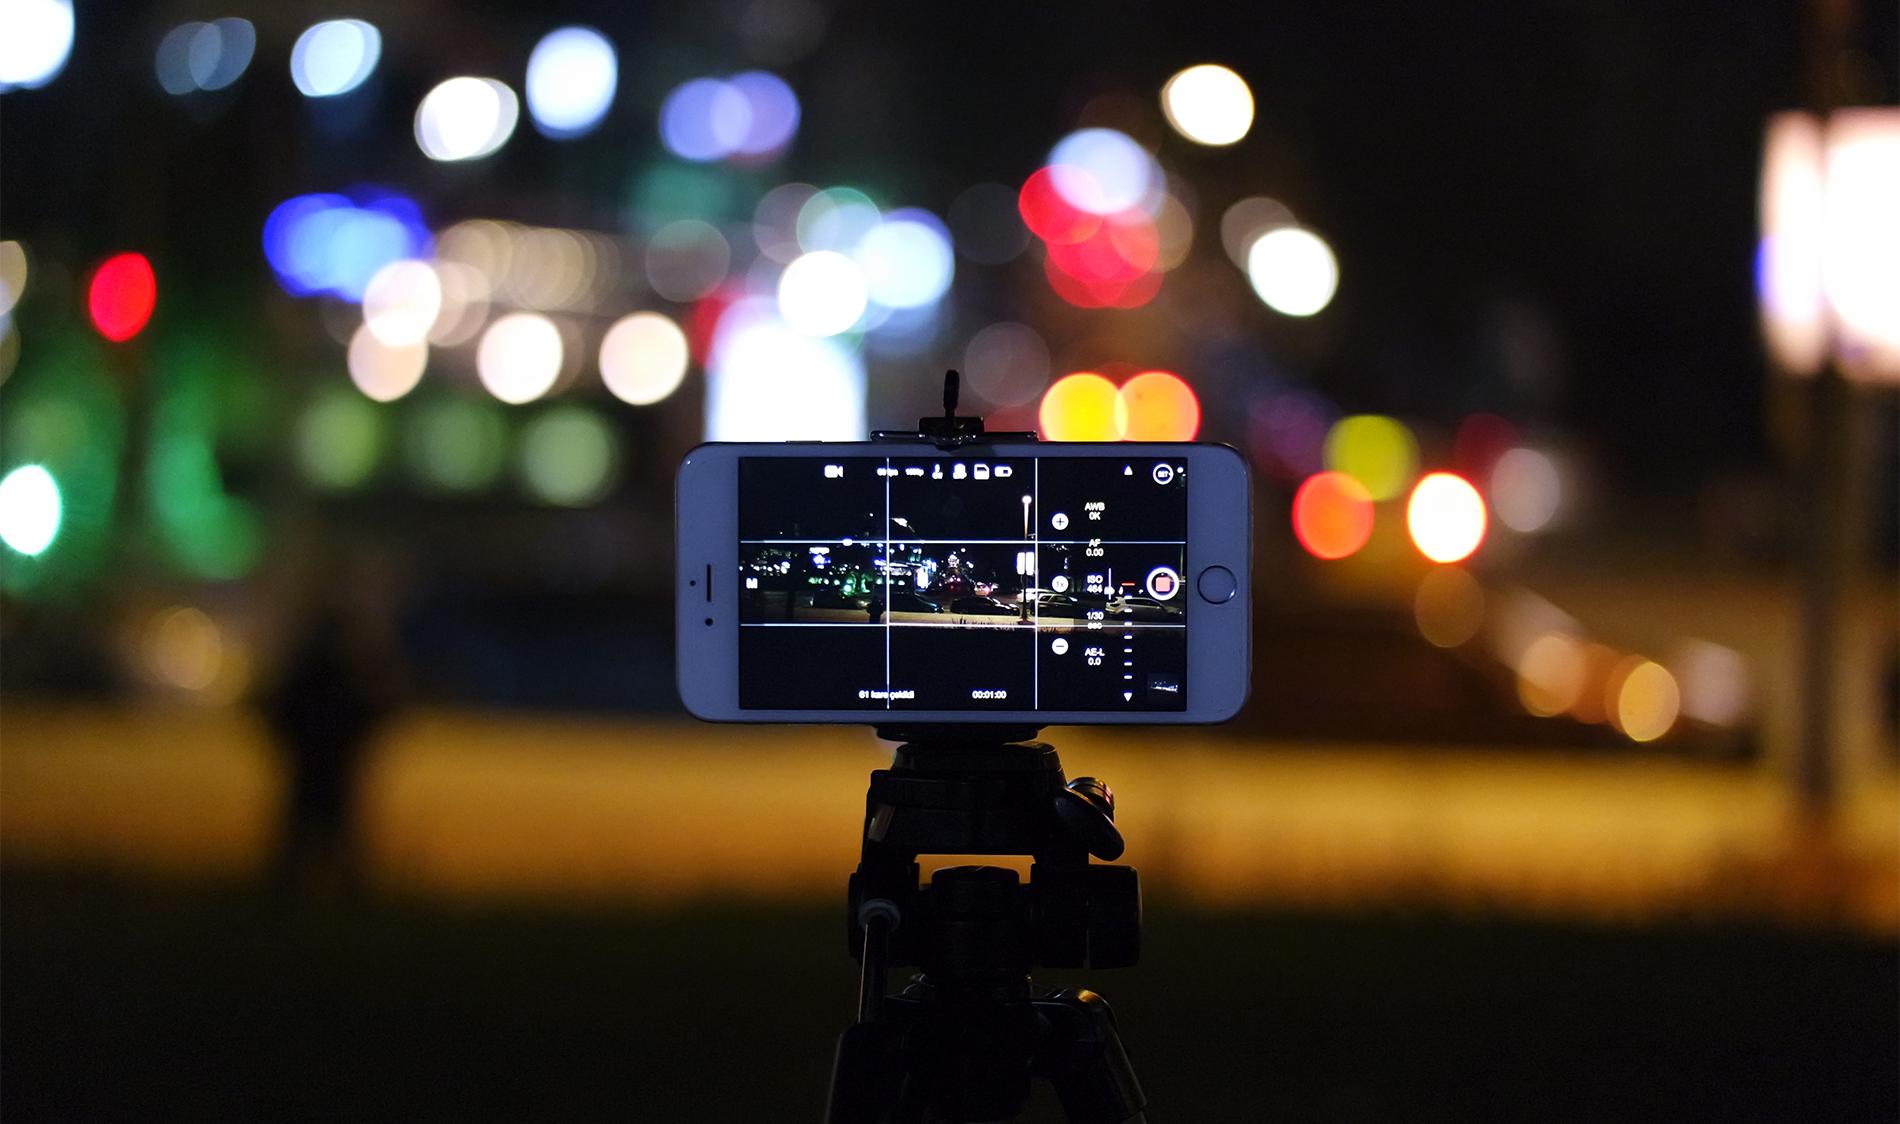 10 лучших исправлений для фотографий iCloud, не синхронизирующихся с iPhone, Mac и Windows